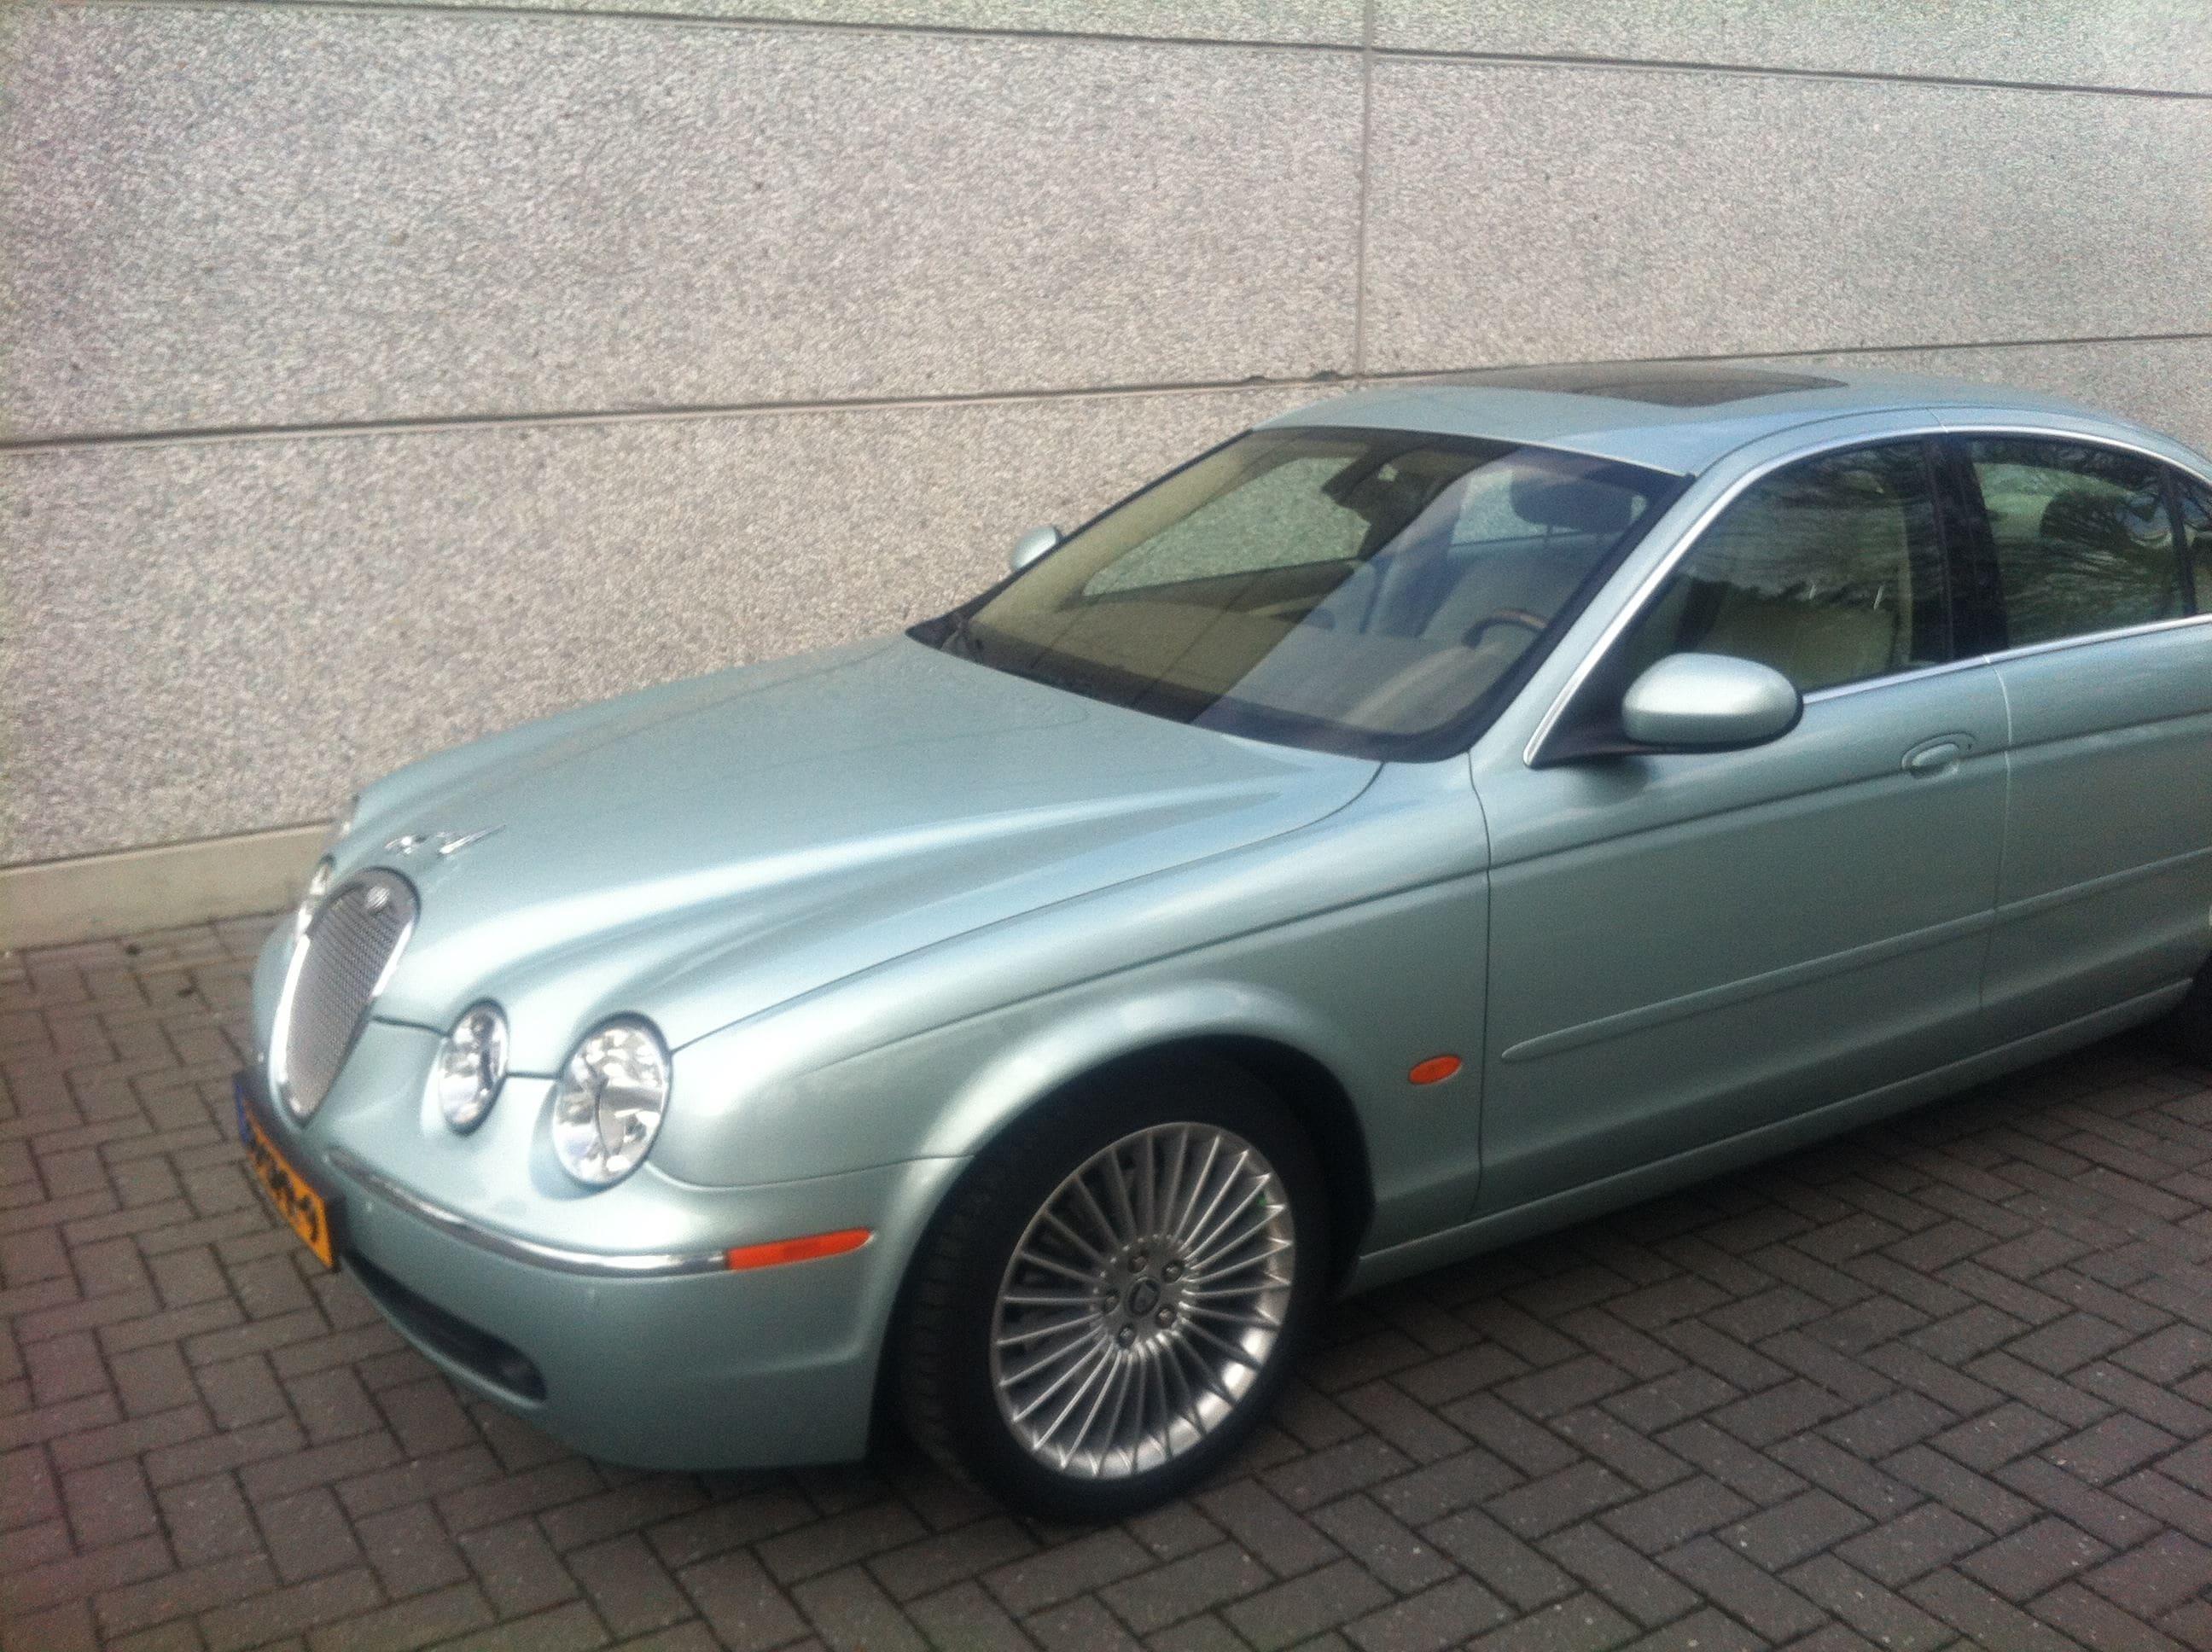 Jaguar S-type met Zwarte Metallic Wrap, Carwrapping door Wrapmyride.nu Foto-nr:5901, ©2020